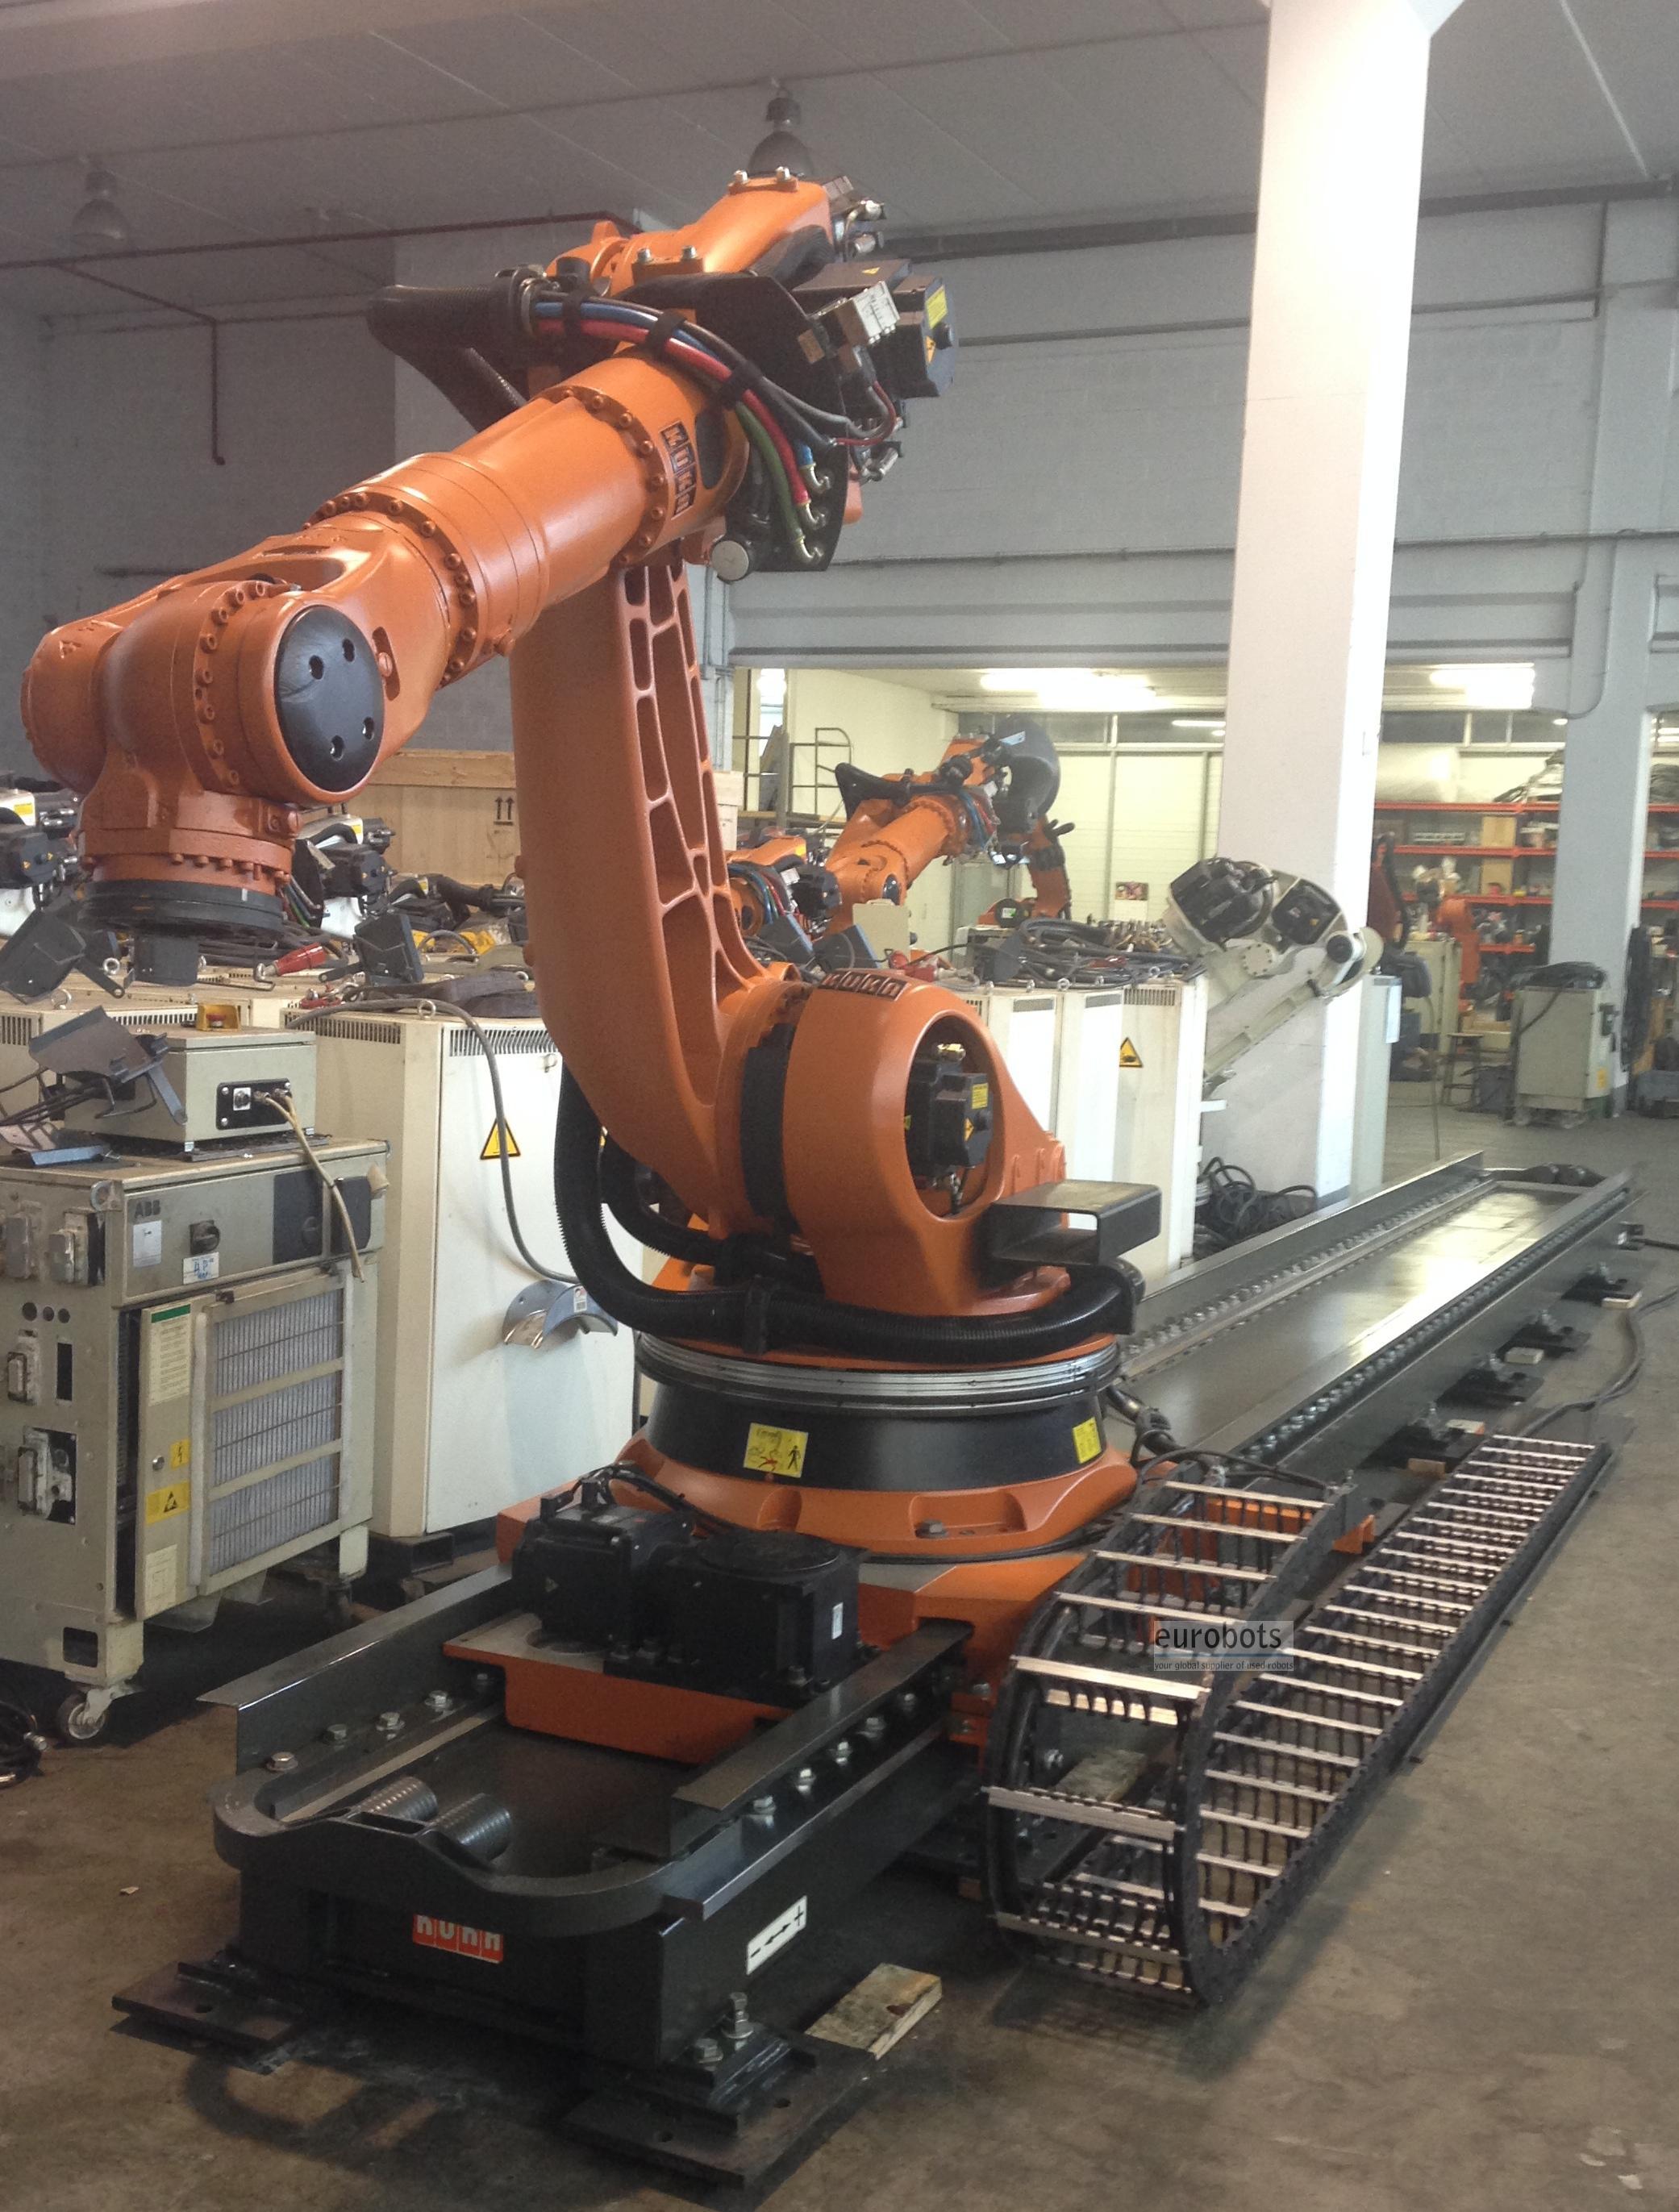 Used Robot Kr 210 On Kl1500 Linear Track Eurobots